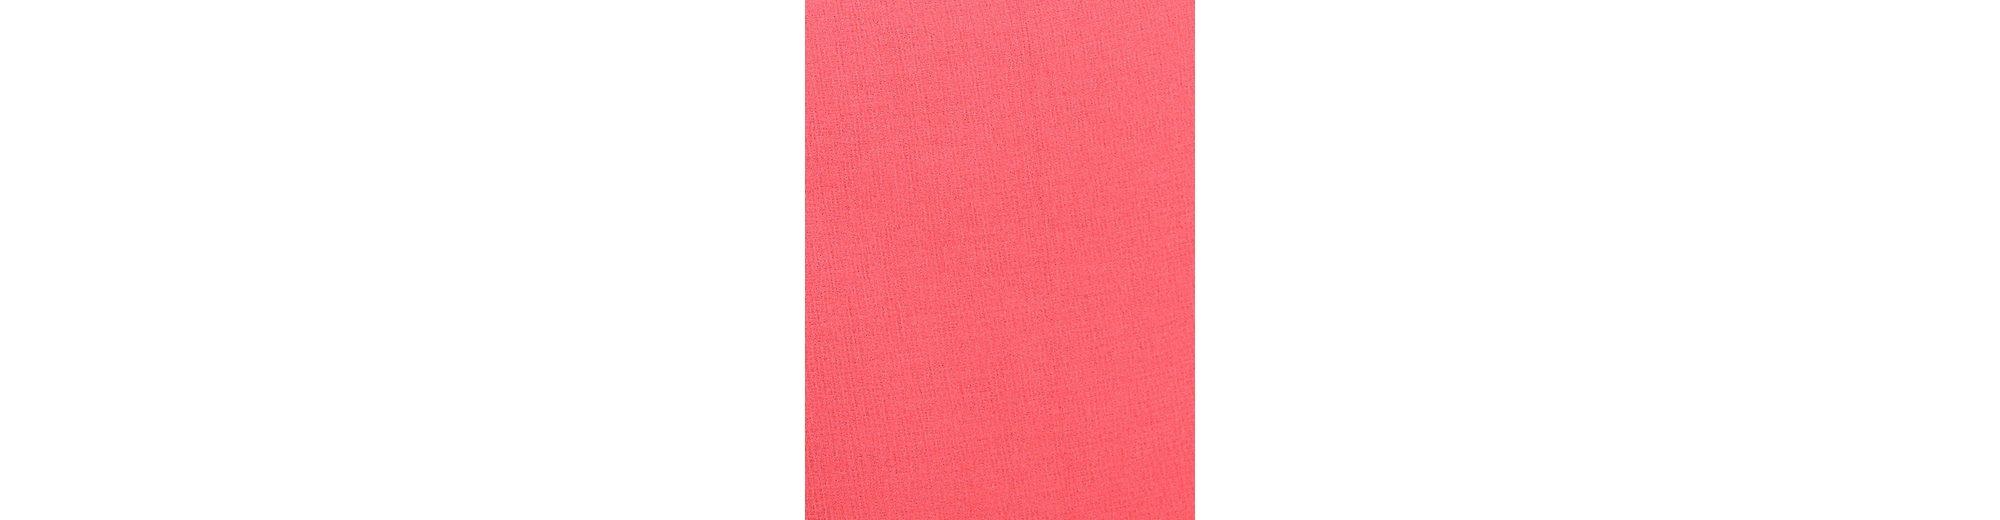 Günstig Kaufen RICK CARDONA by Heine T-Shirt ohne Arm Verkauf Rabatte Online Günstig Online Spielraum Offizielle Seite N5ppbdUV